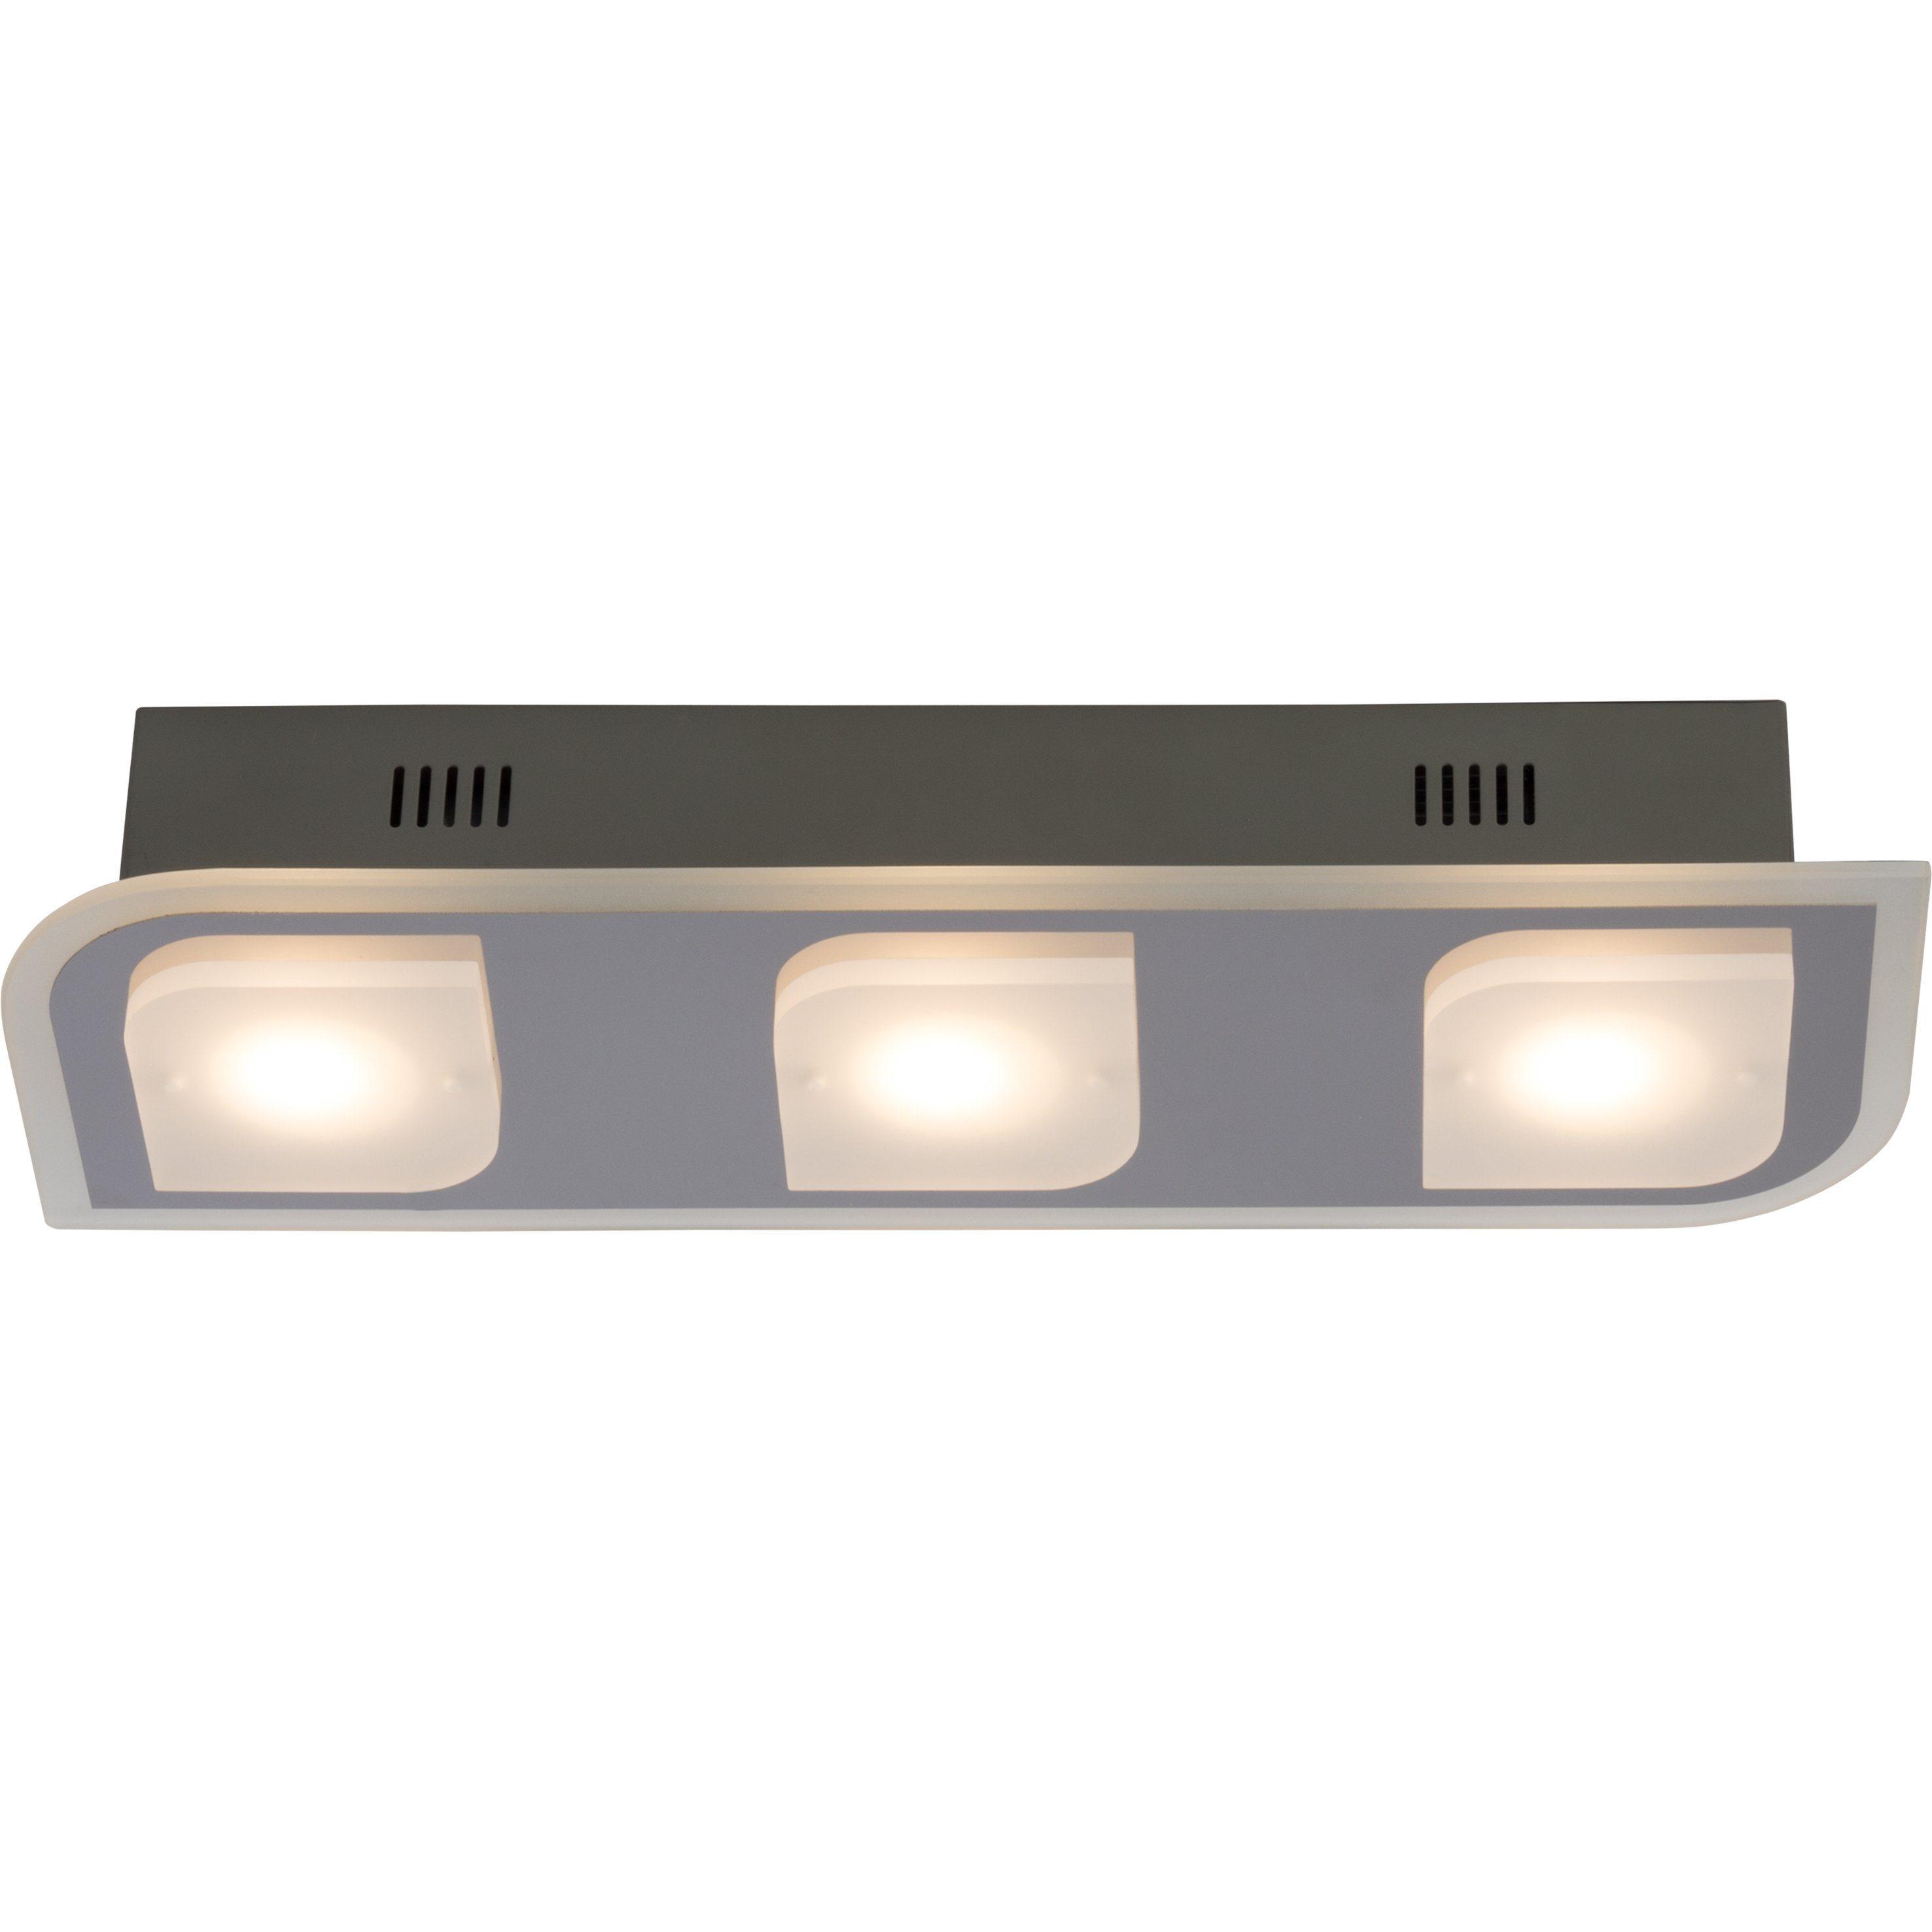 Brilliant Leuchten Formular LED Deckenleuchte, 3-flammig chrom IP44